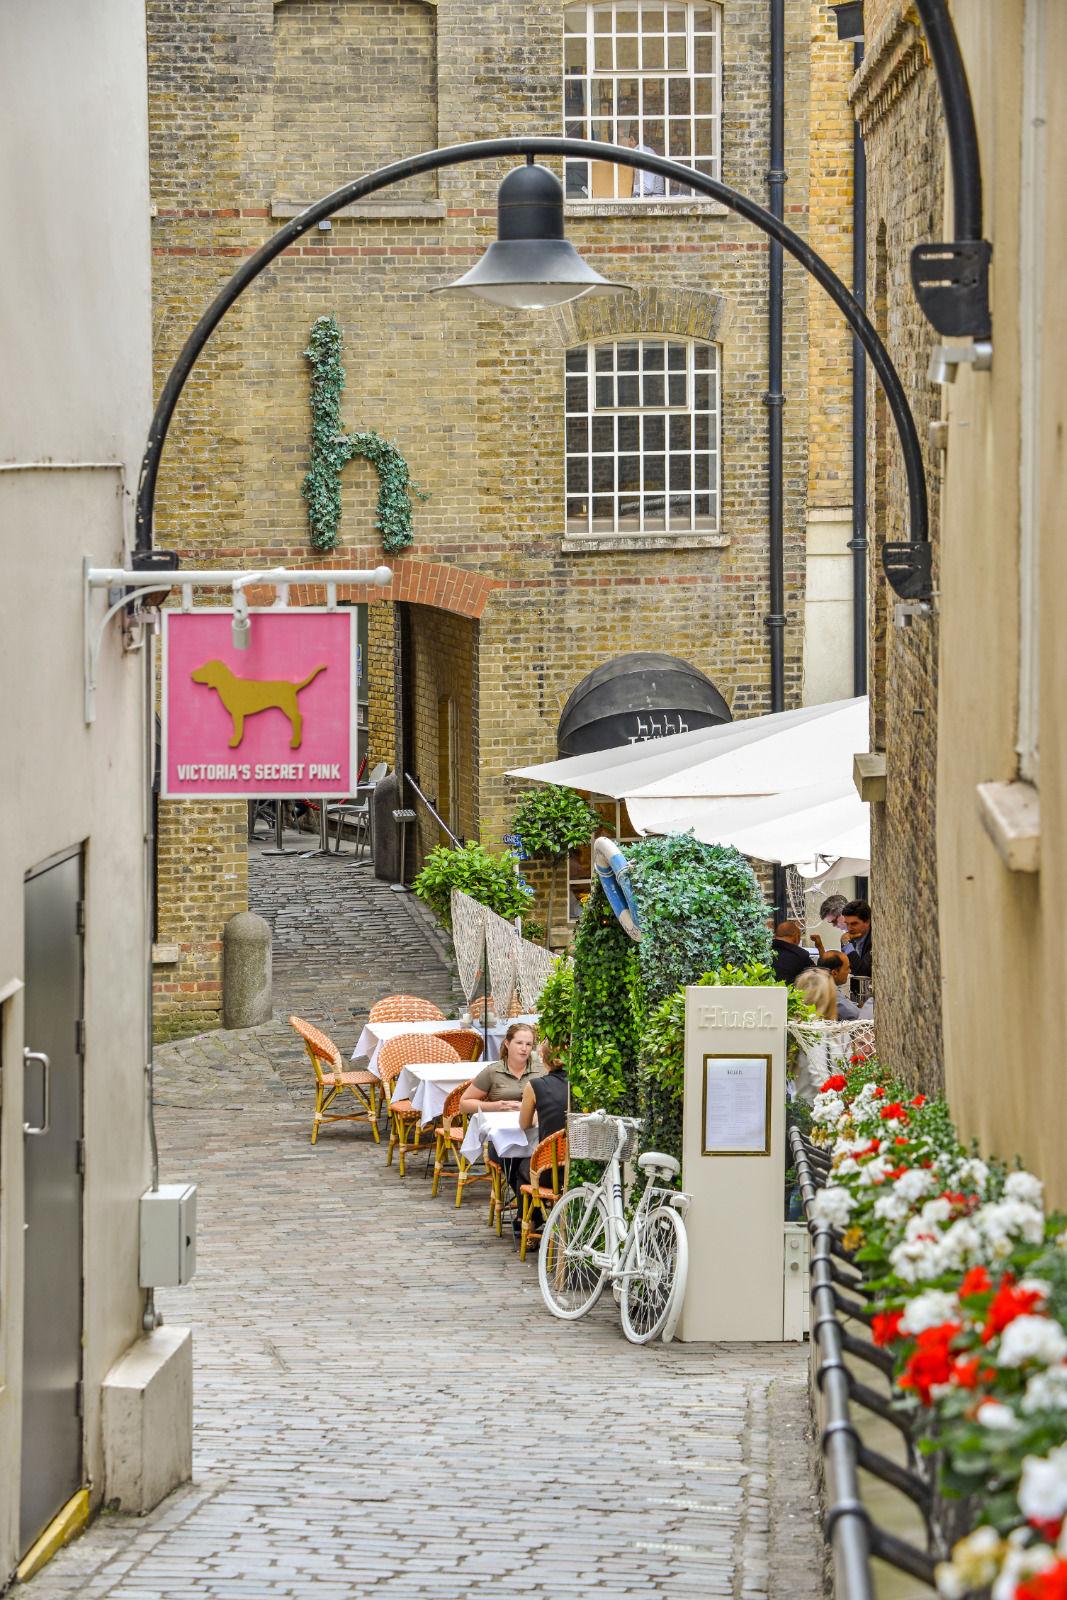 local london area photo